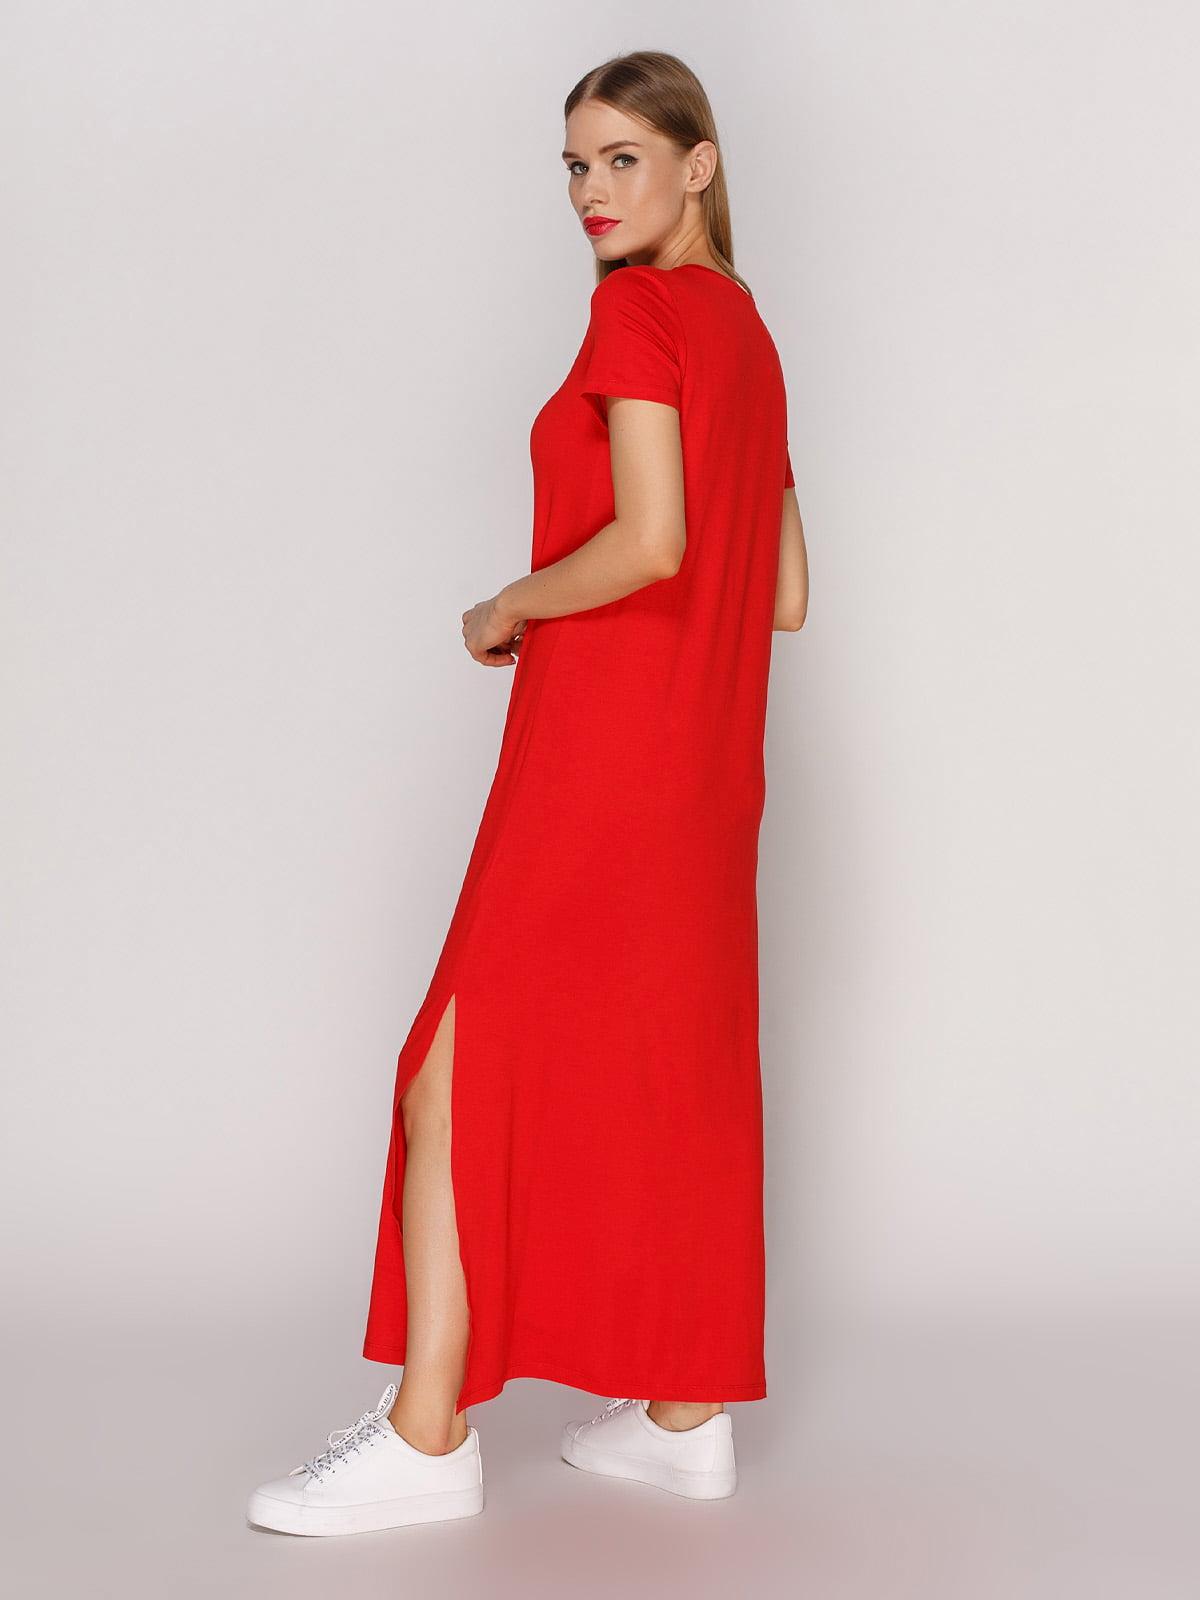 2d25276decf9918 Платье красное — Loca, акция действует до 16 октября 2018 года ...